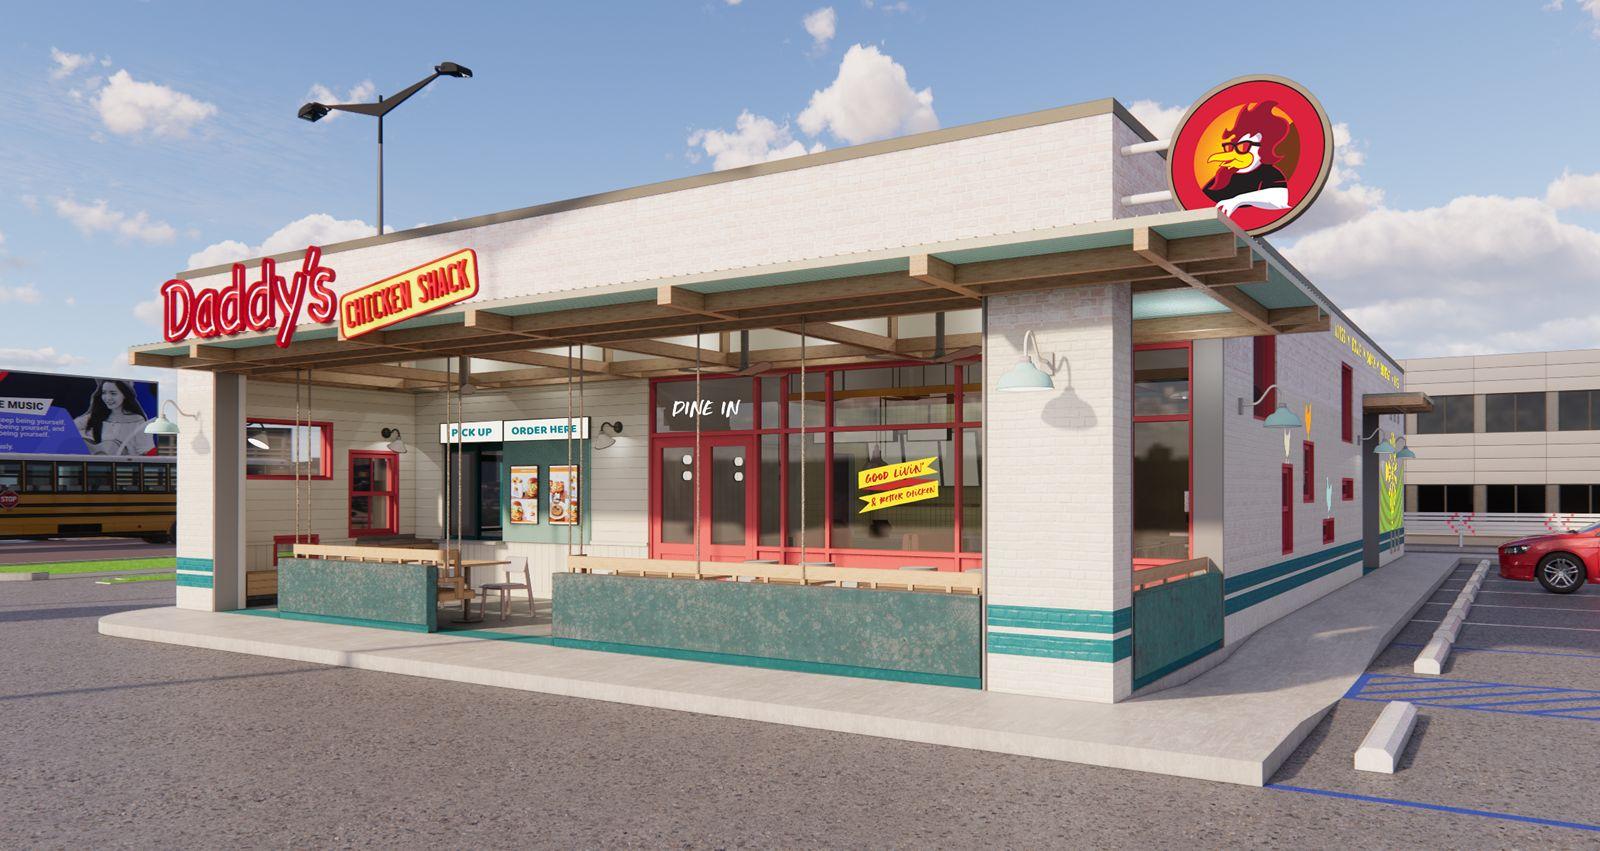 Daddy's Chicken Shack recherche la croissance et l'innovation grâce au repositionnement de sa marque